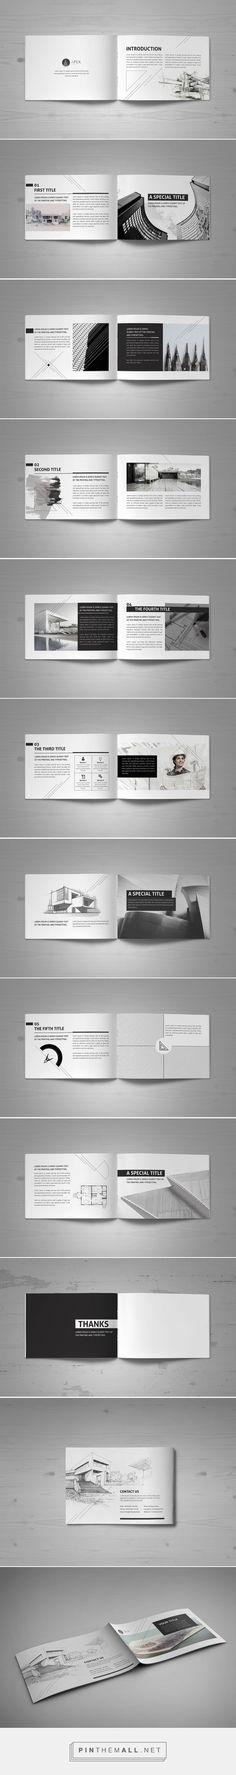 Minimal Modern Black & White Architecture Brochure by Mohammed Al Gharabli: